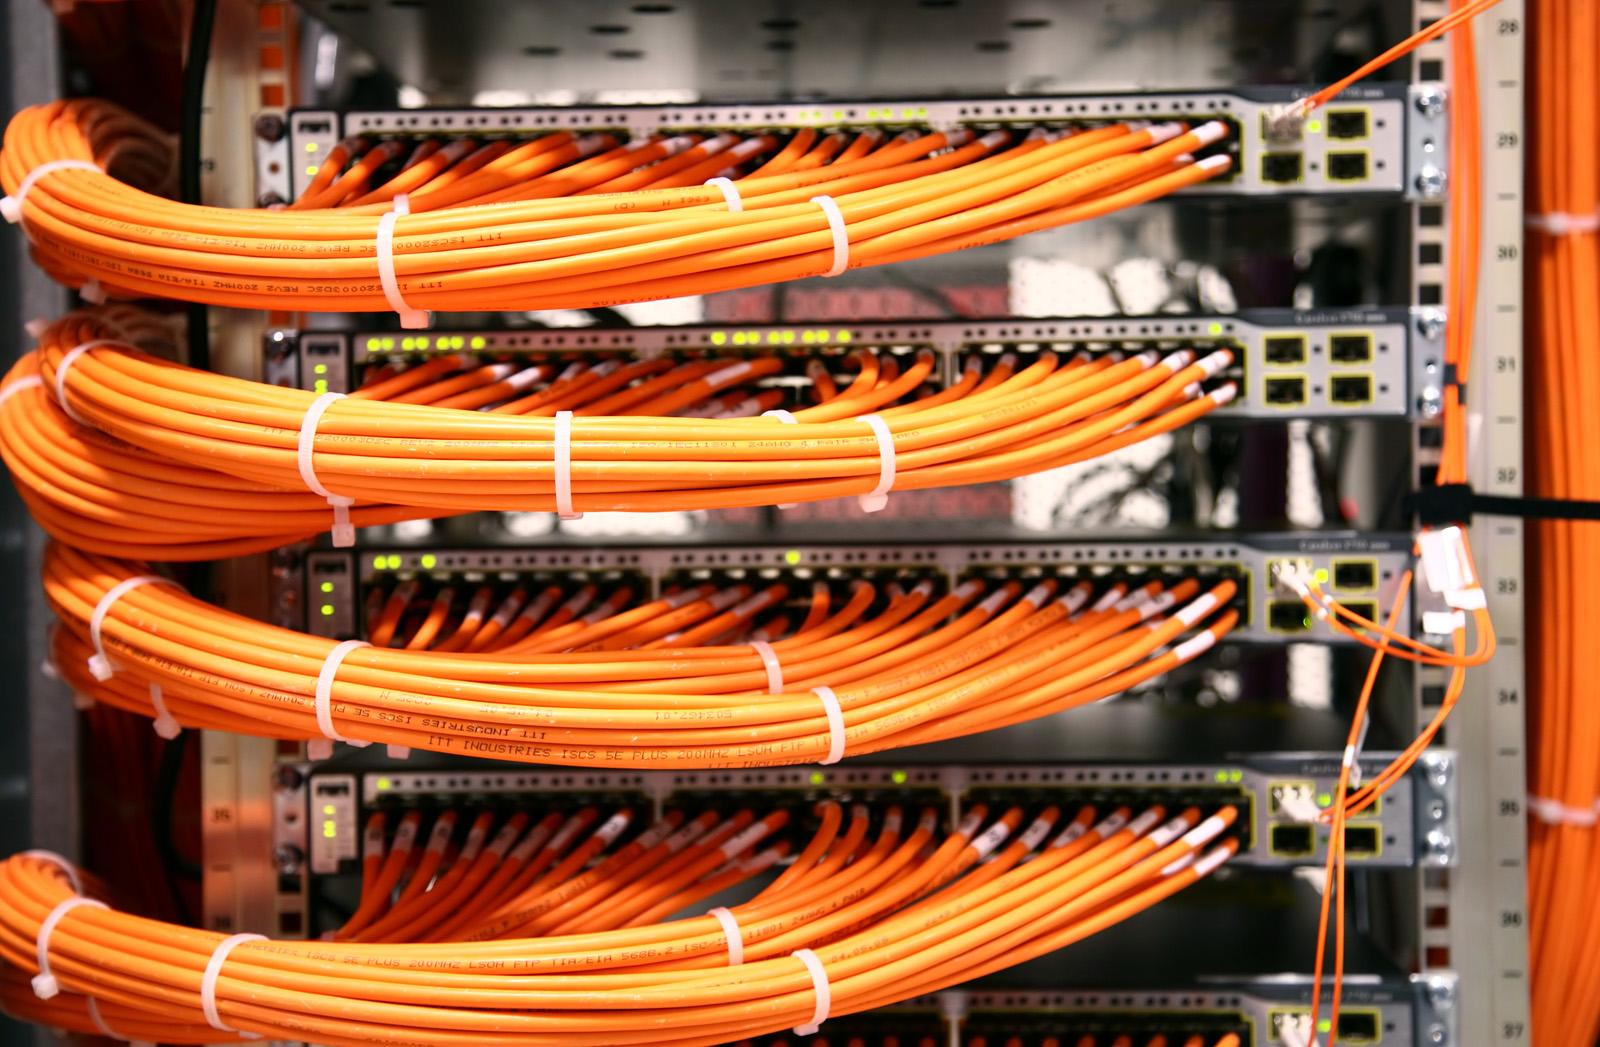 Temple Terrace Florida Premier Voice & Data Network Cabling Services